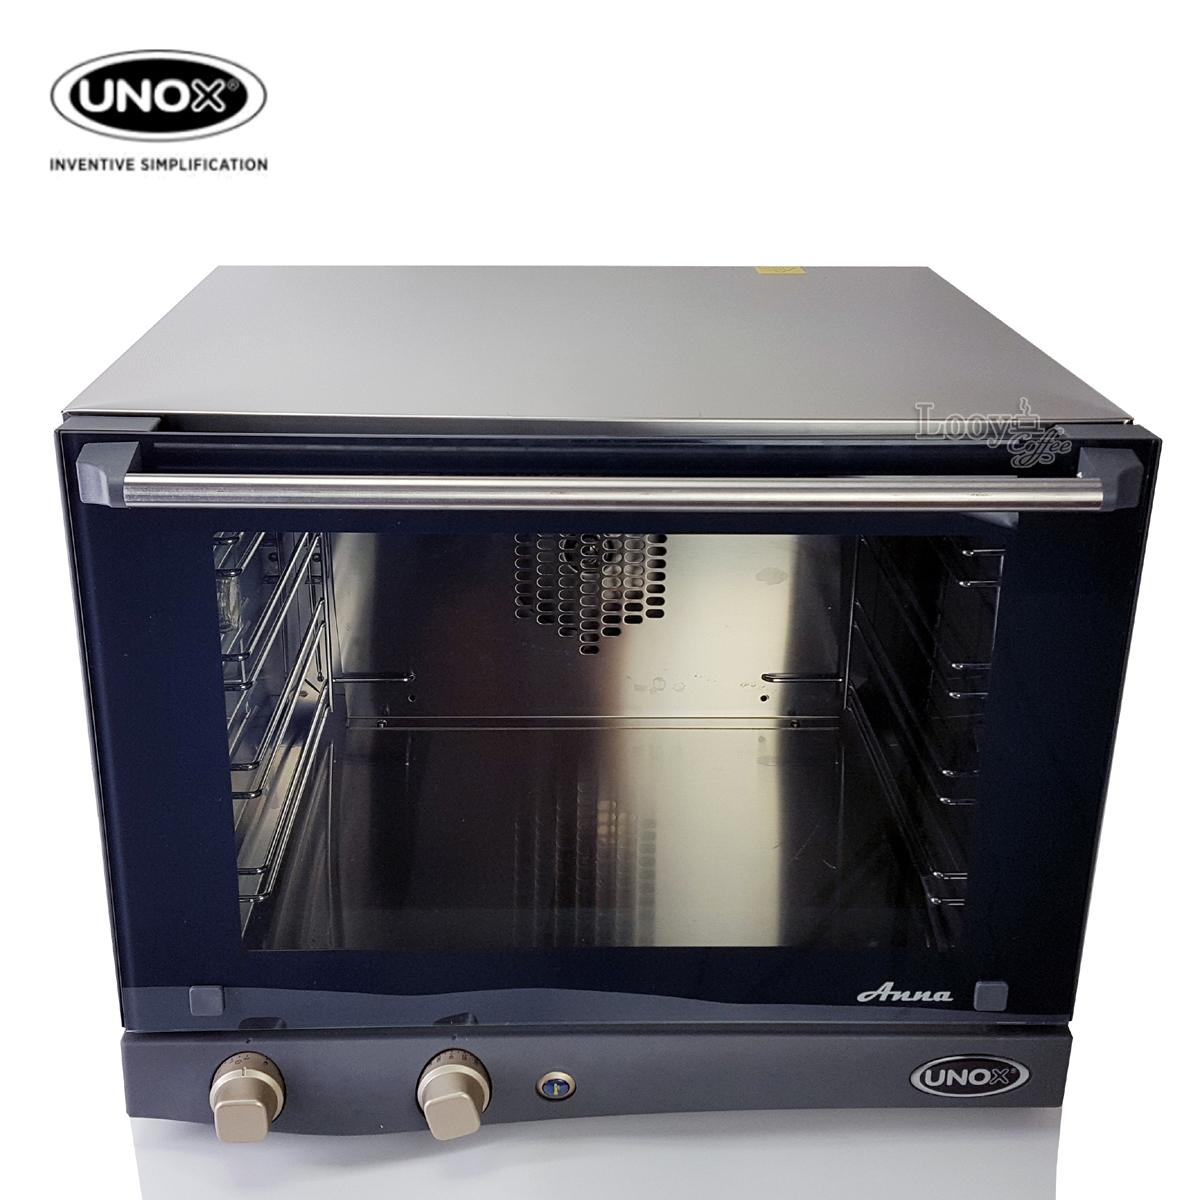 意大利原装Unox万能电烤箱电焗炉电烤炉烤鸭炉XF023ANNA四层旋风